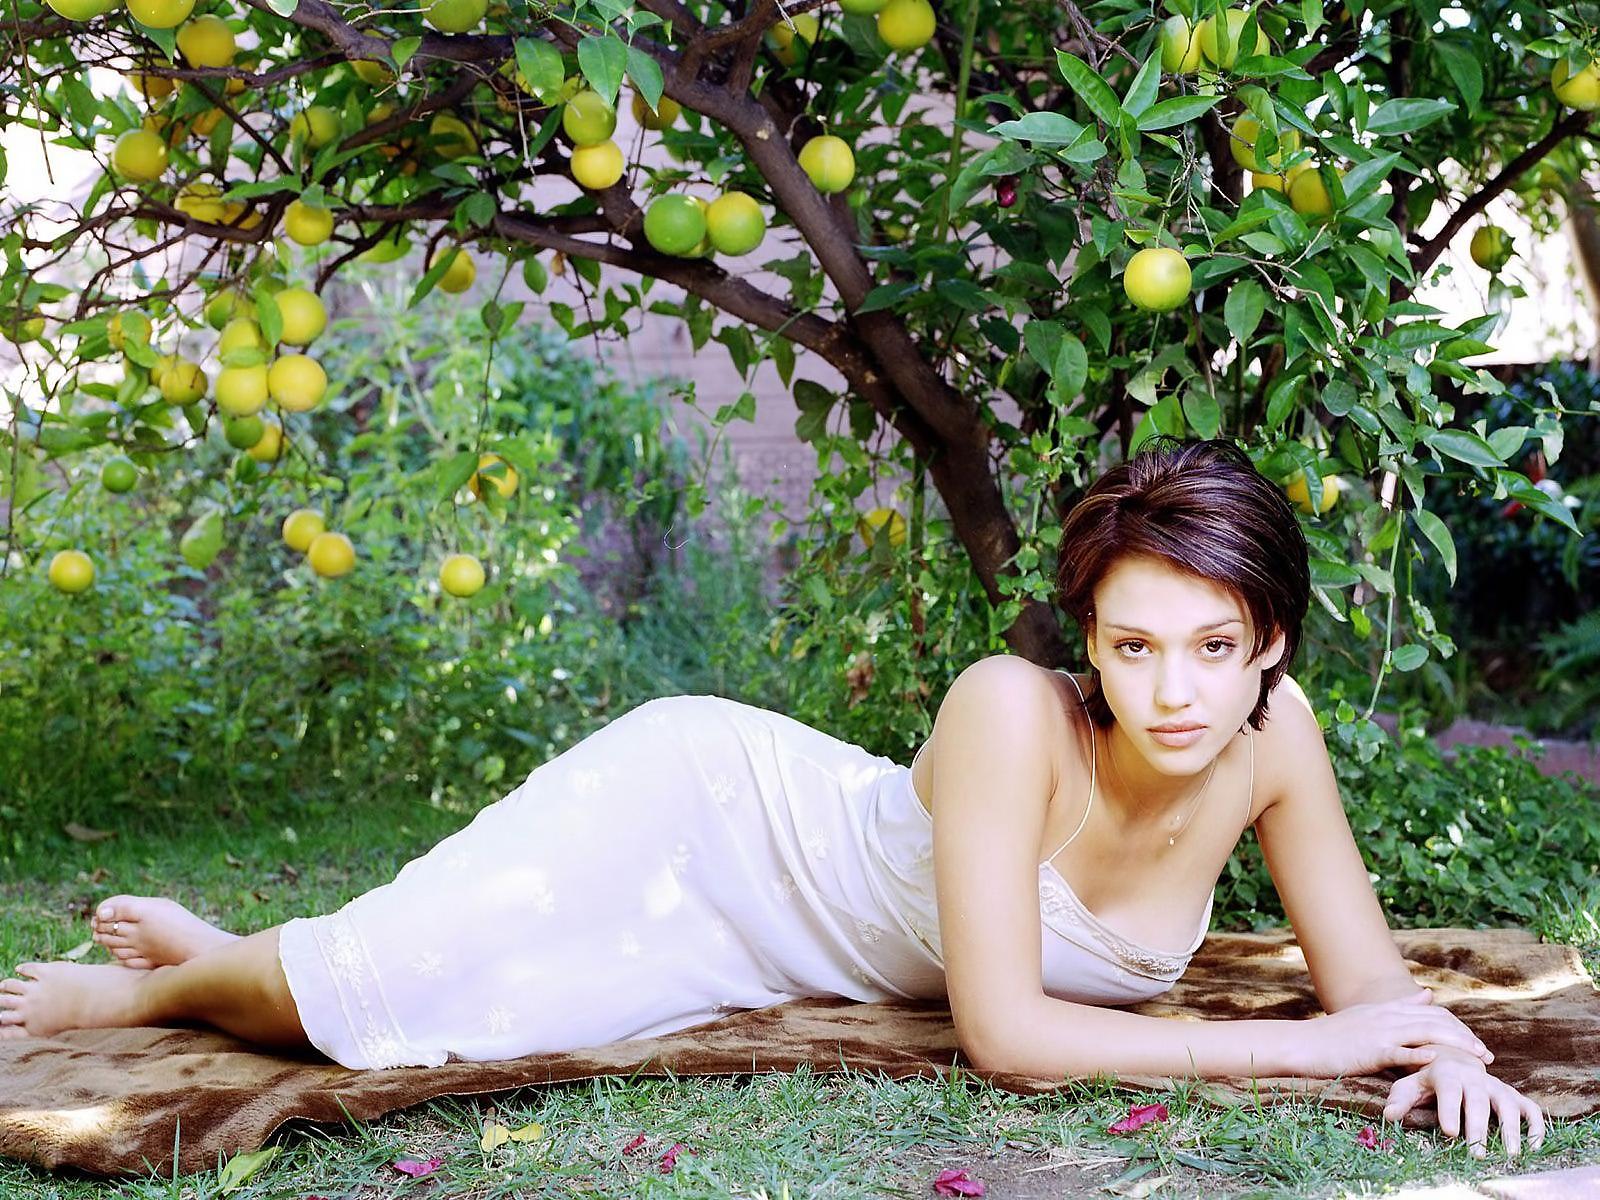 Девушку на траве бесплатно фото 545-270